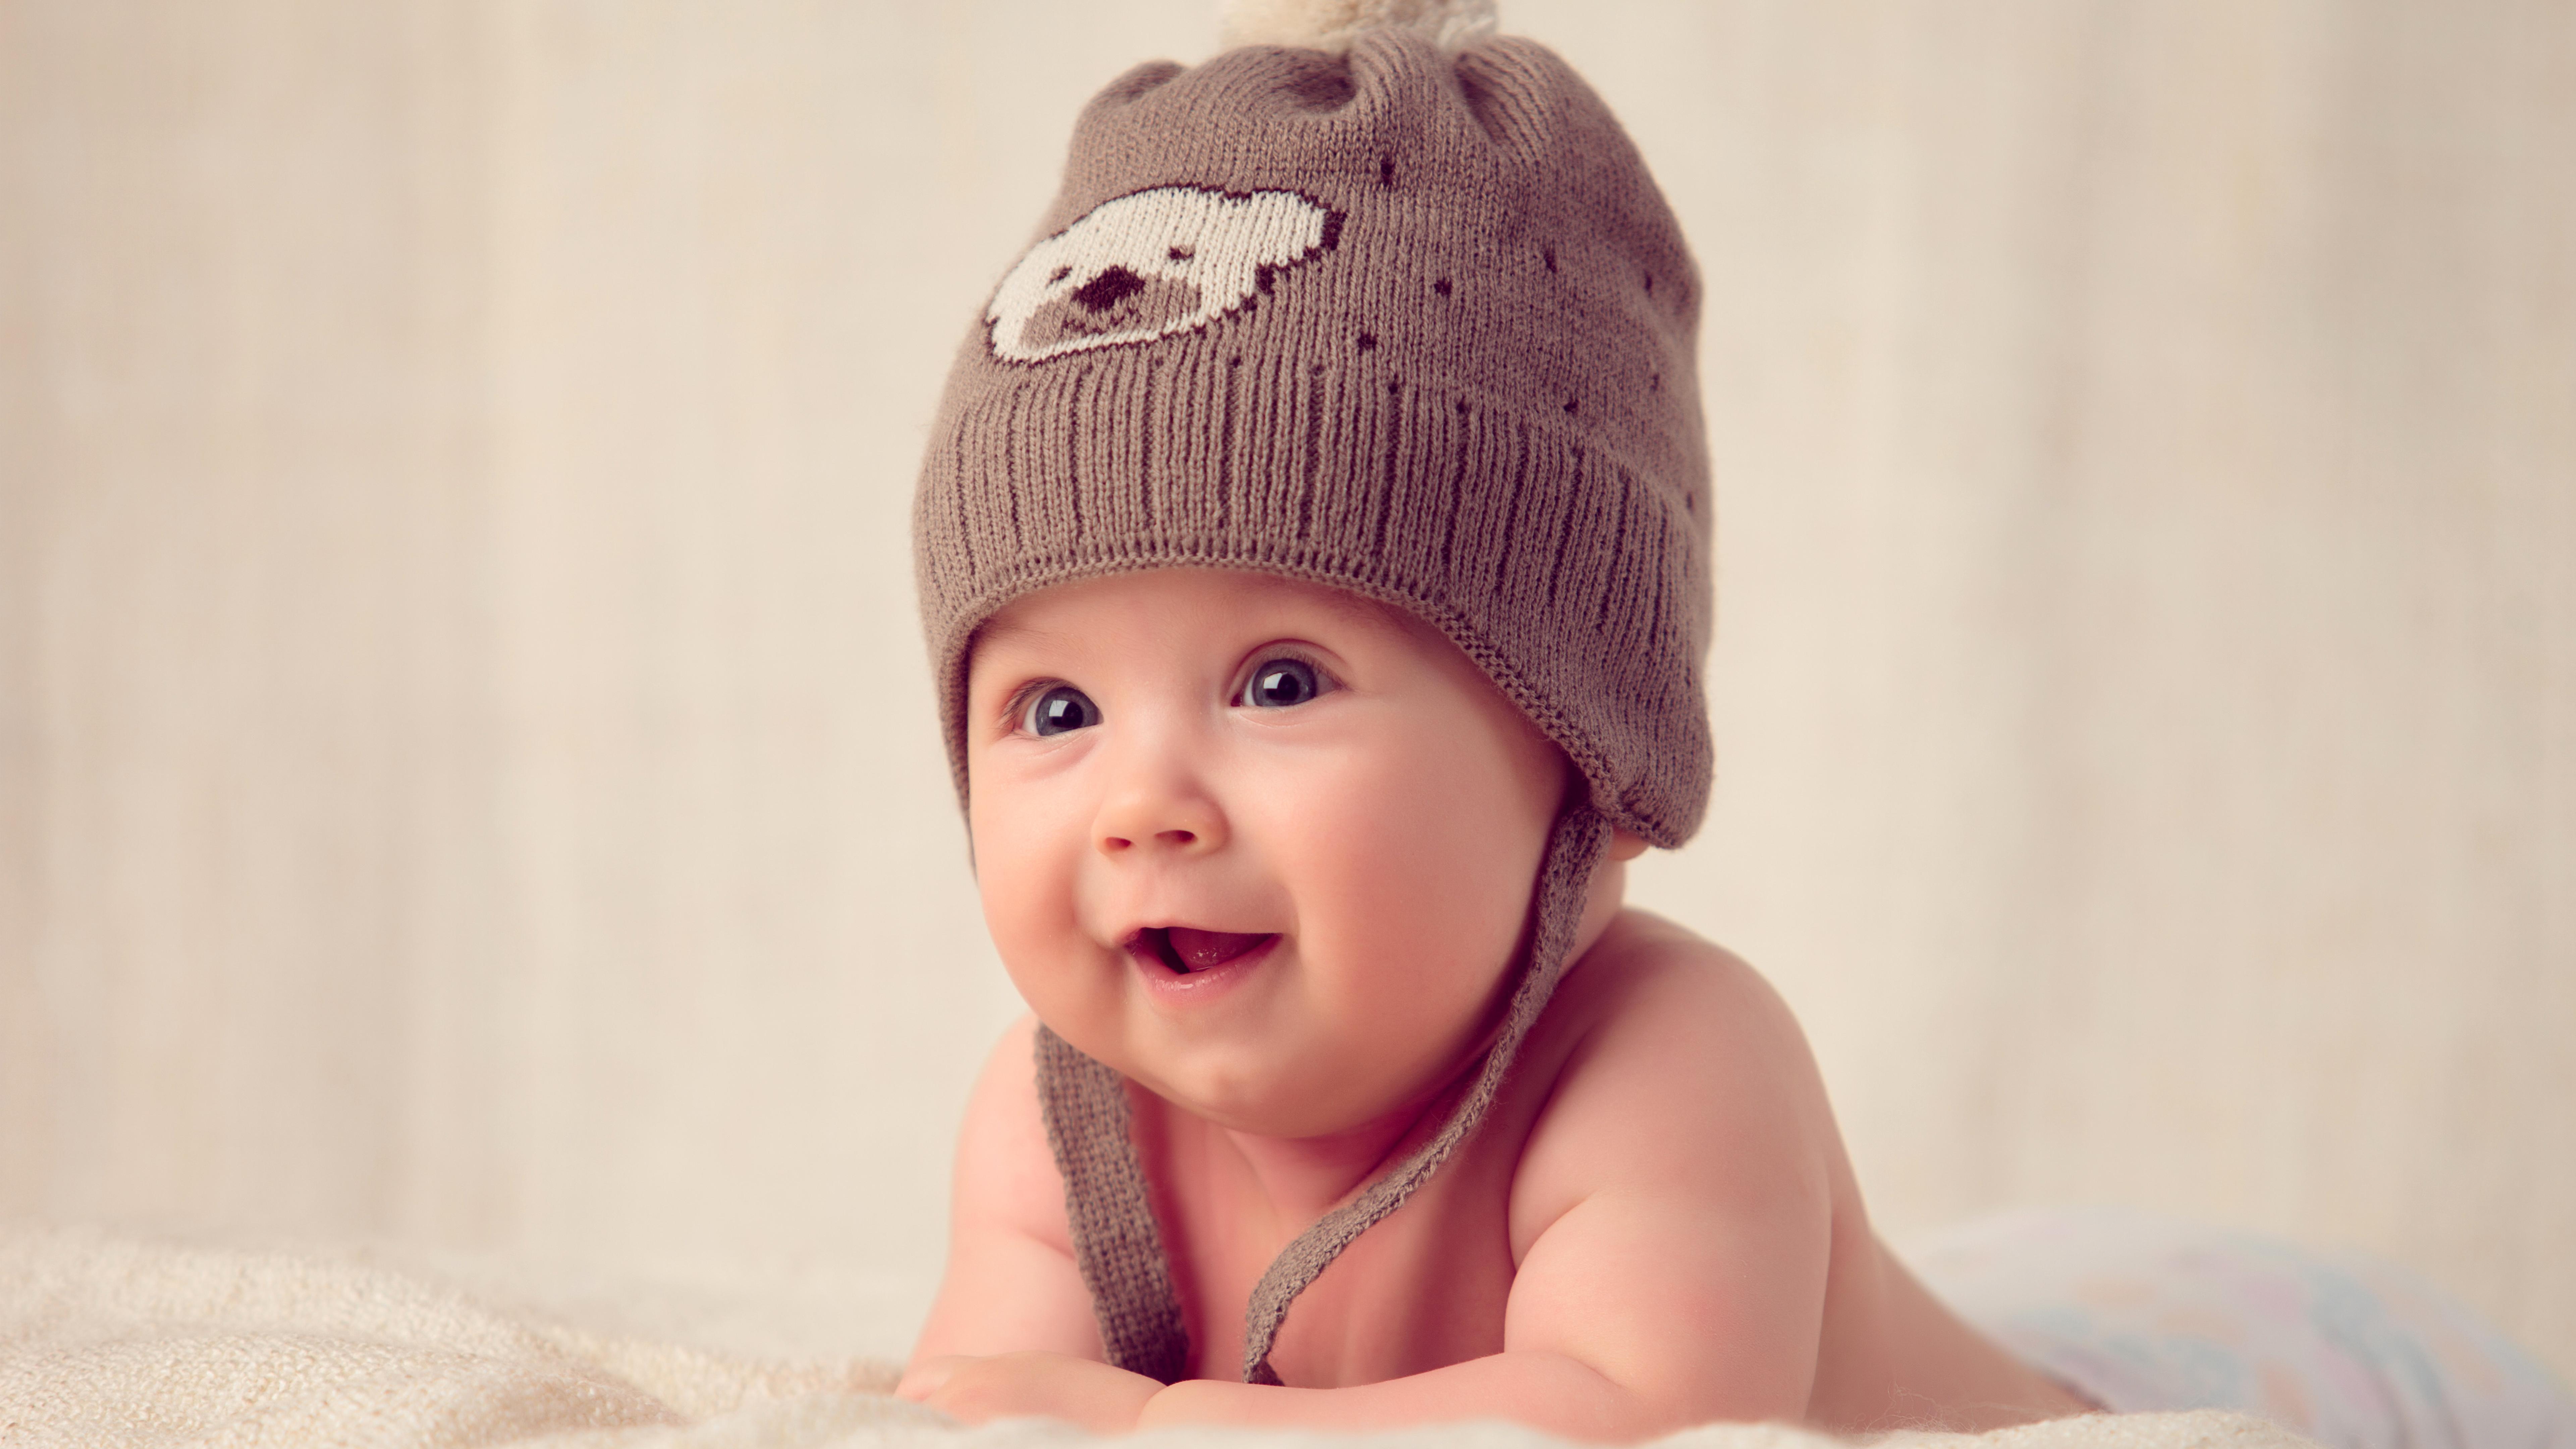 Wallpaper Cute Baby, Hat, Muffle Cap, 4K, 8K, Cute, #325